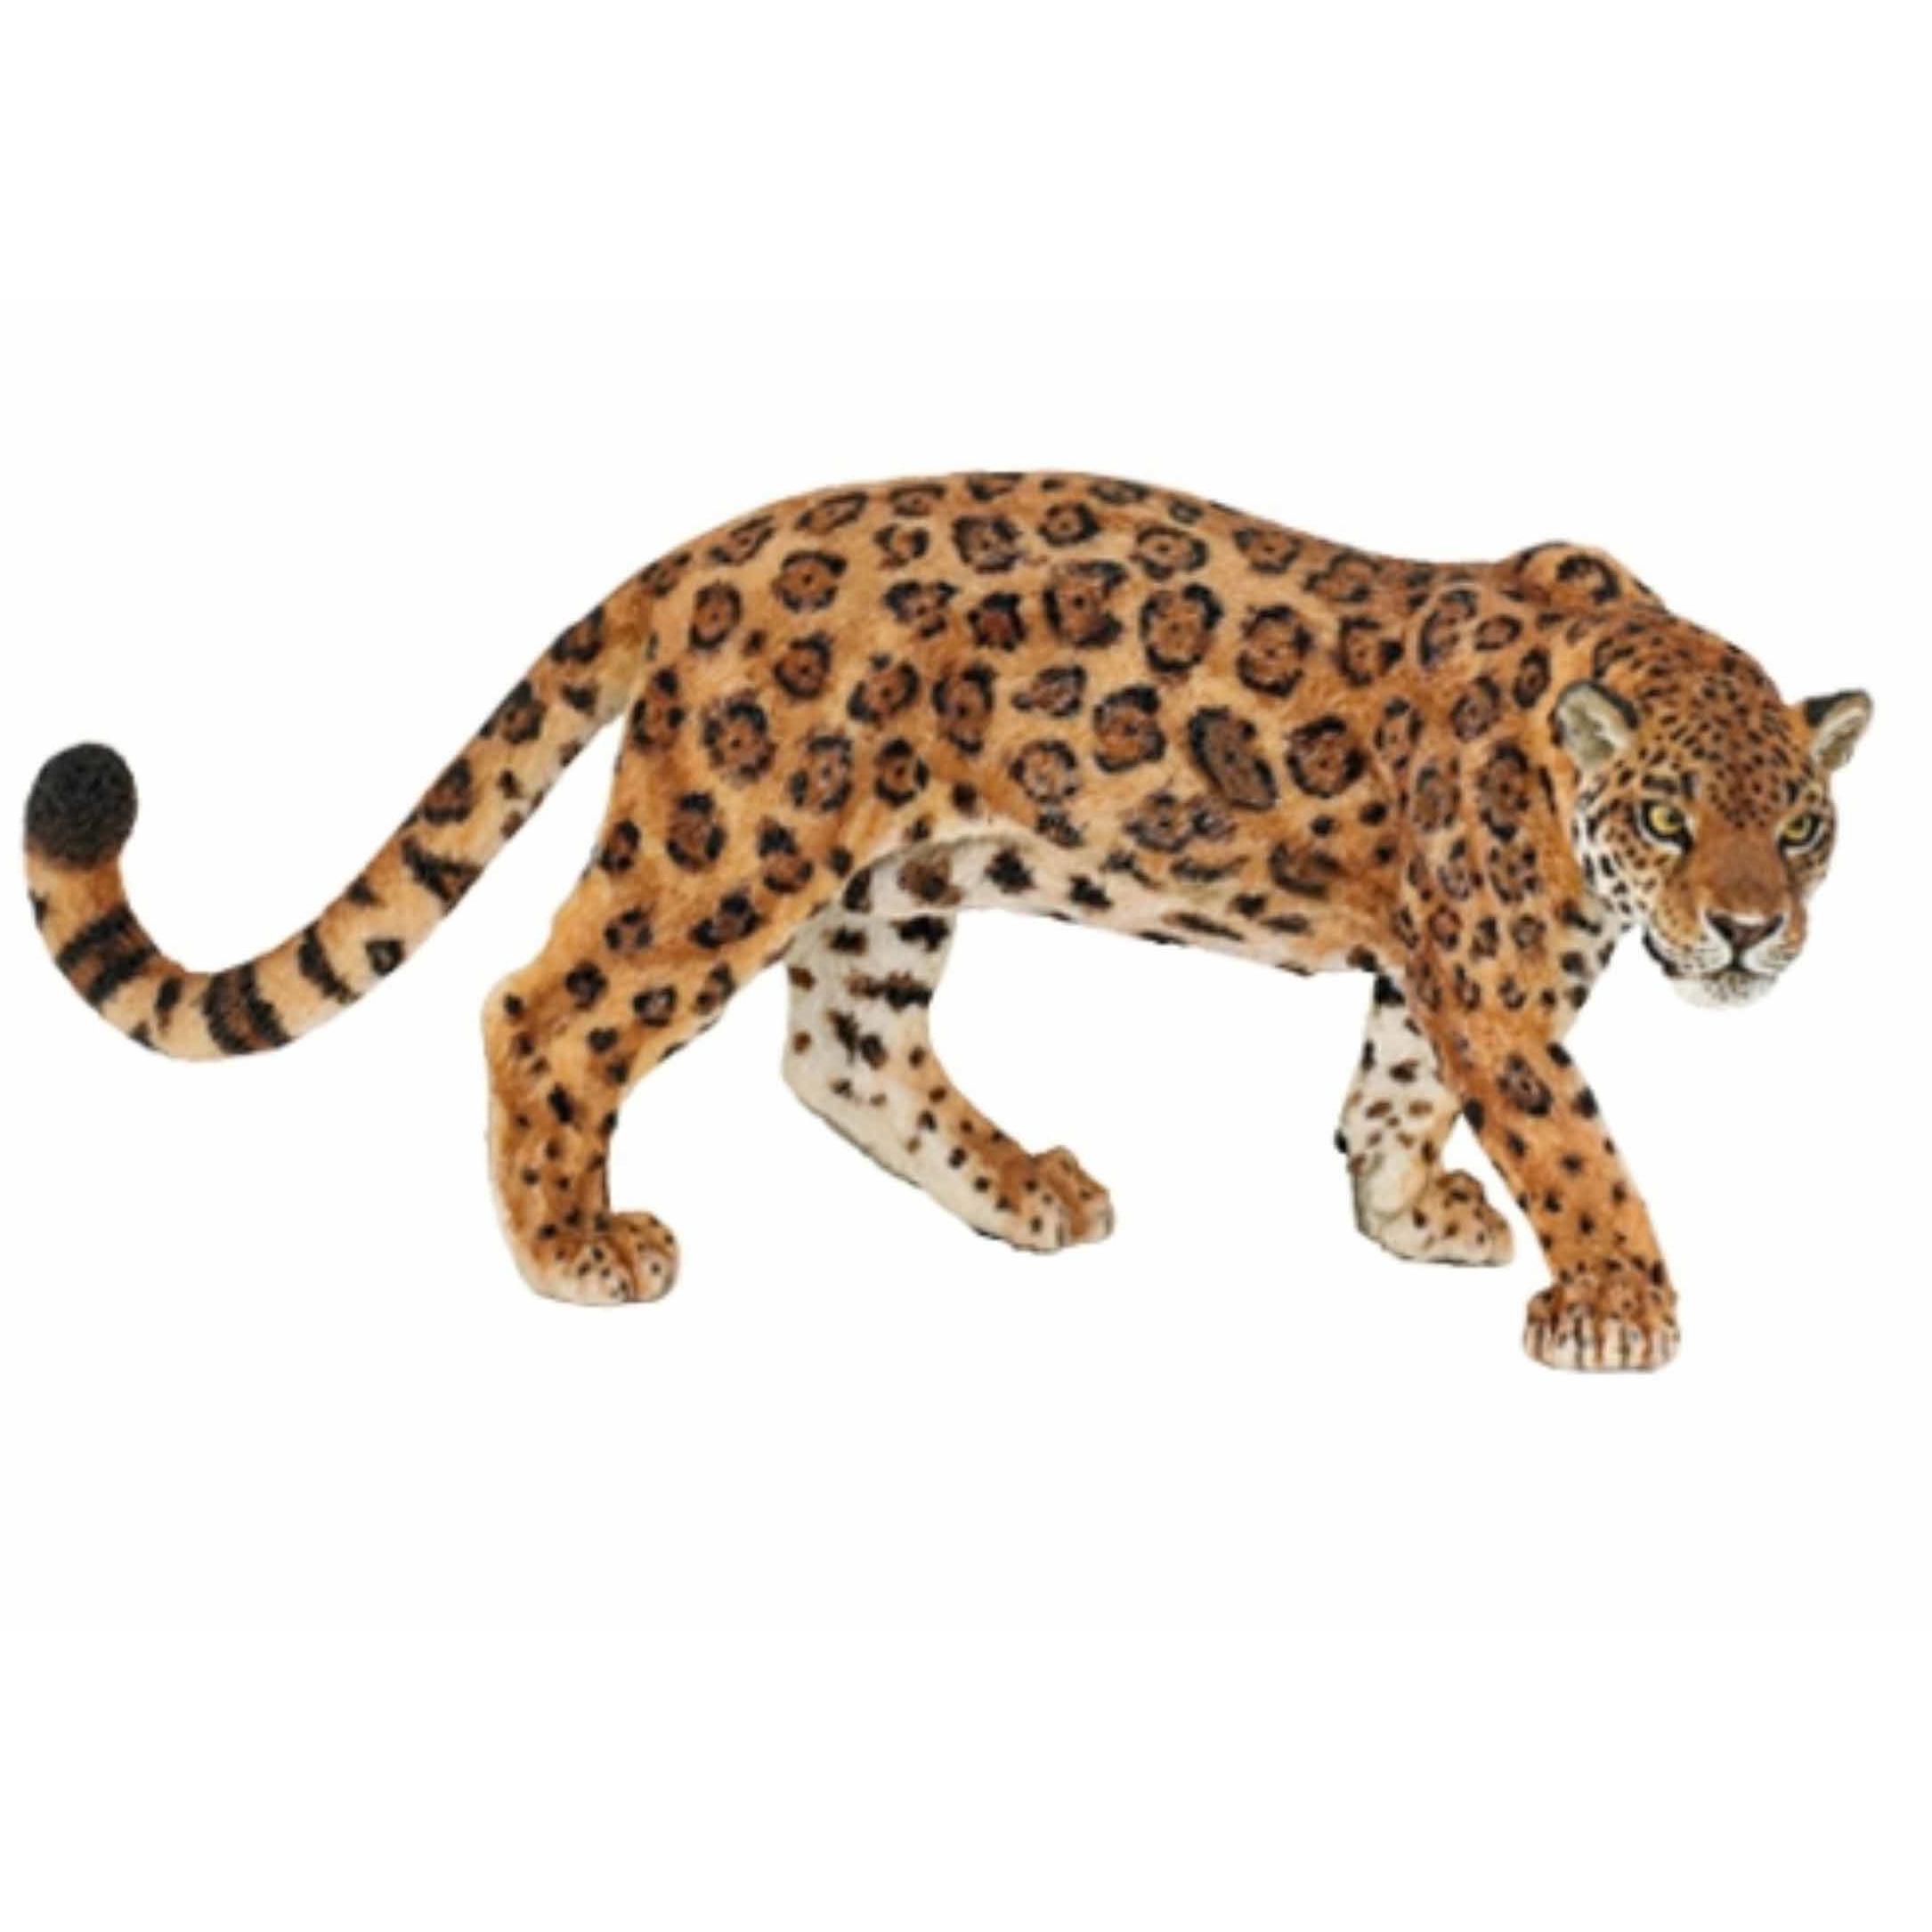 Plastic jaguar speeldiertje 11 cm